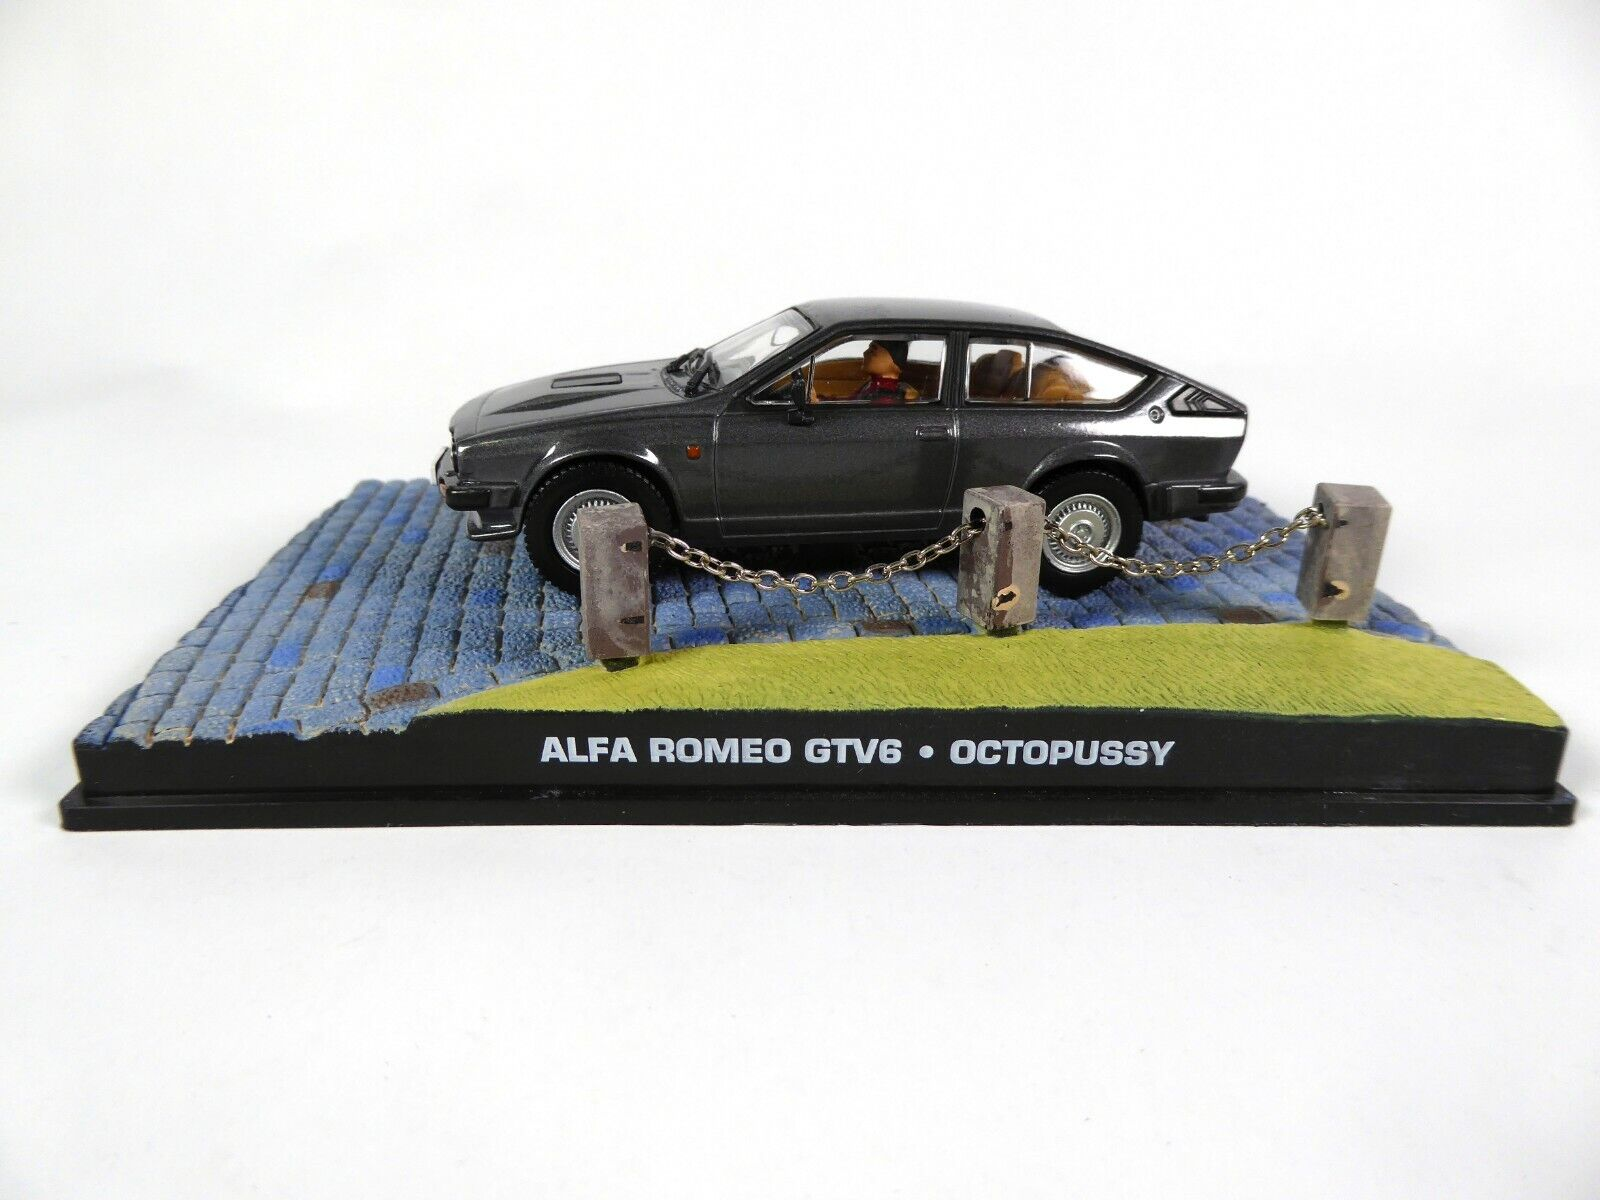 Die cast 1//43 Modellino Auto 007 James Bond Alfa Romeo 159 Quantum of Solace